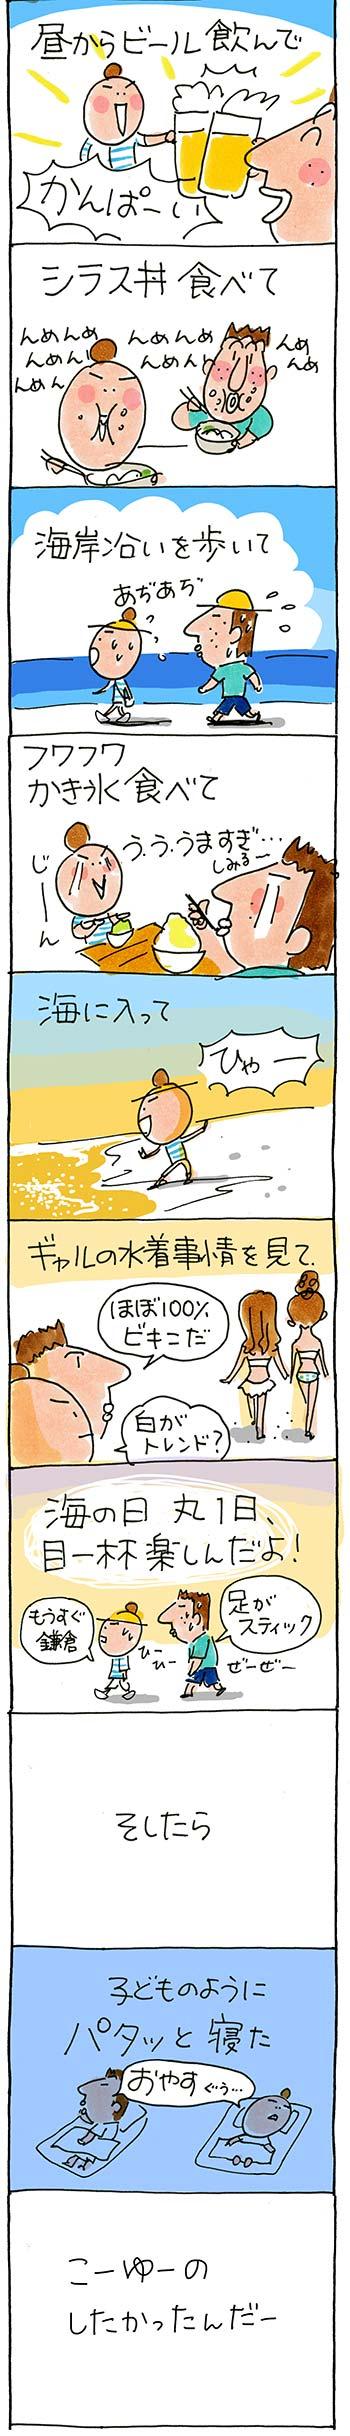 150721海の日2